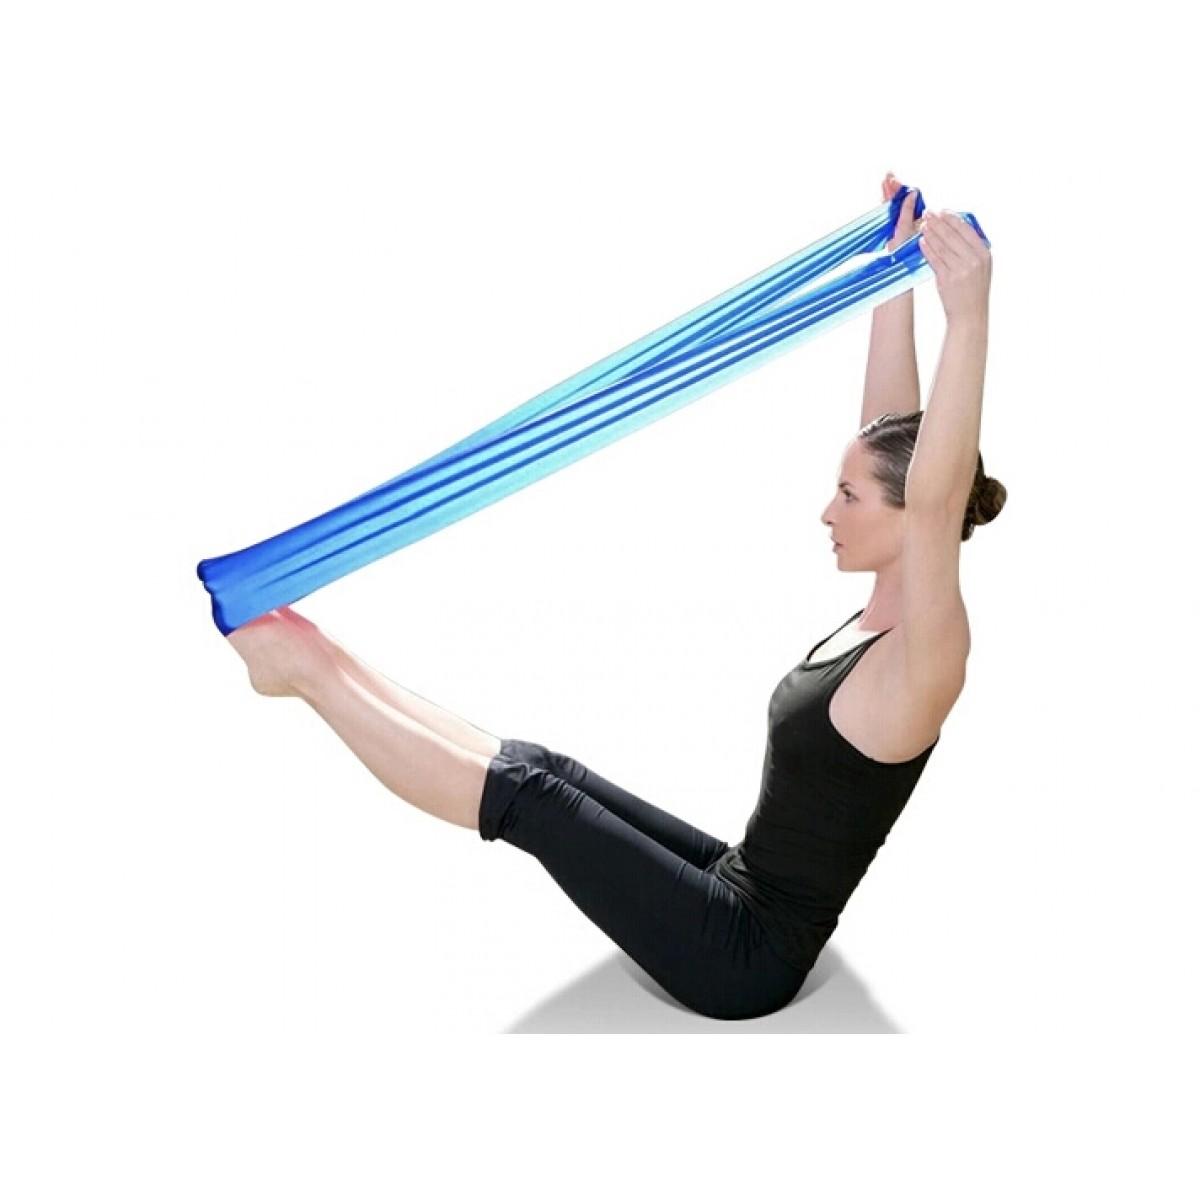 Эластичные ленты для фитнеса купить в Шахунье